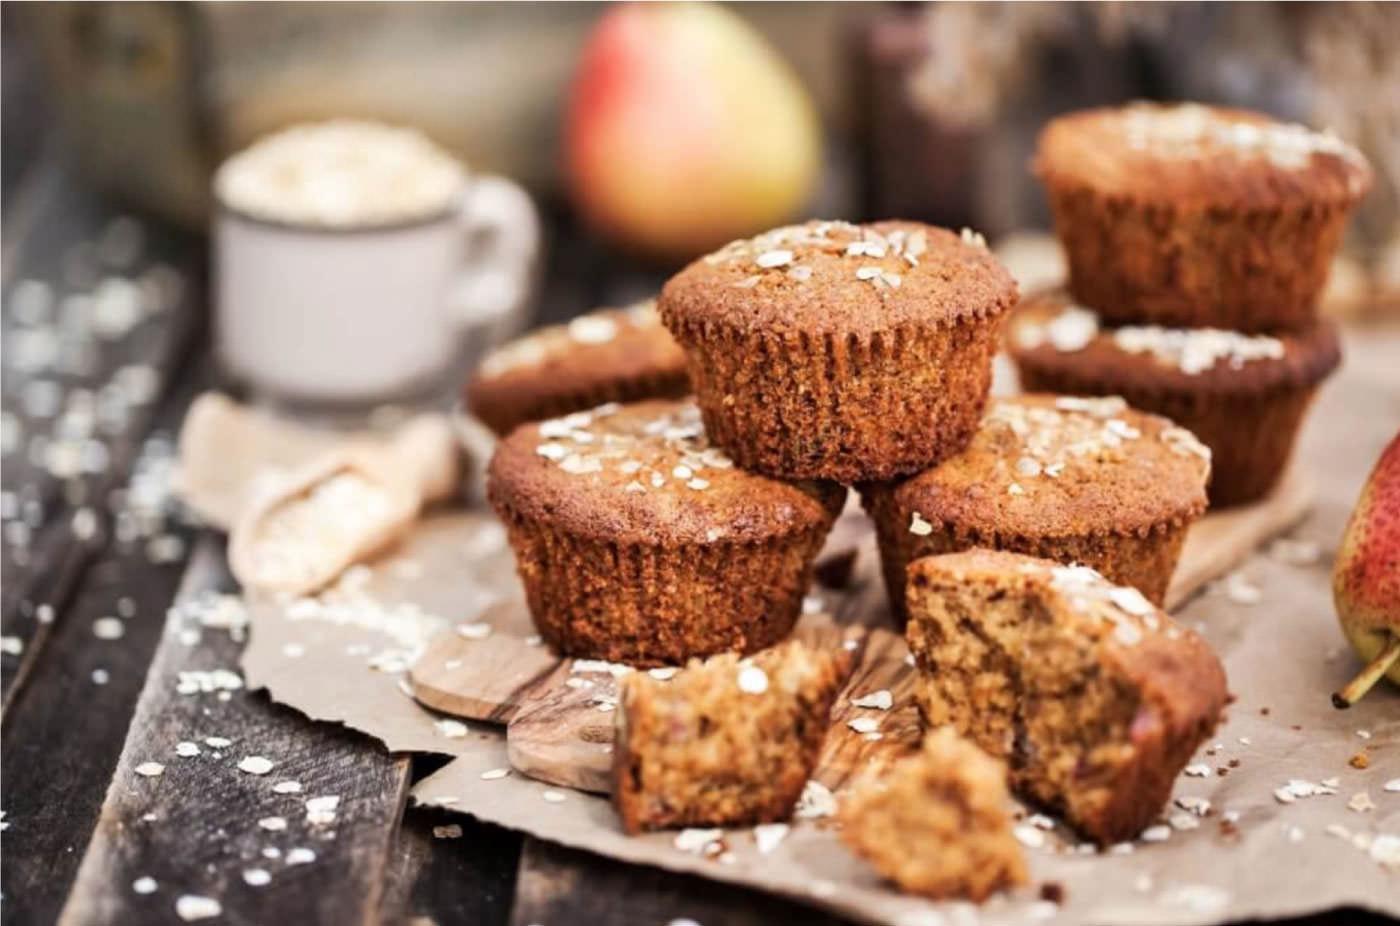 Receta de Muffins de trigo integral